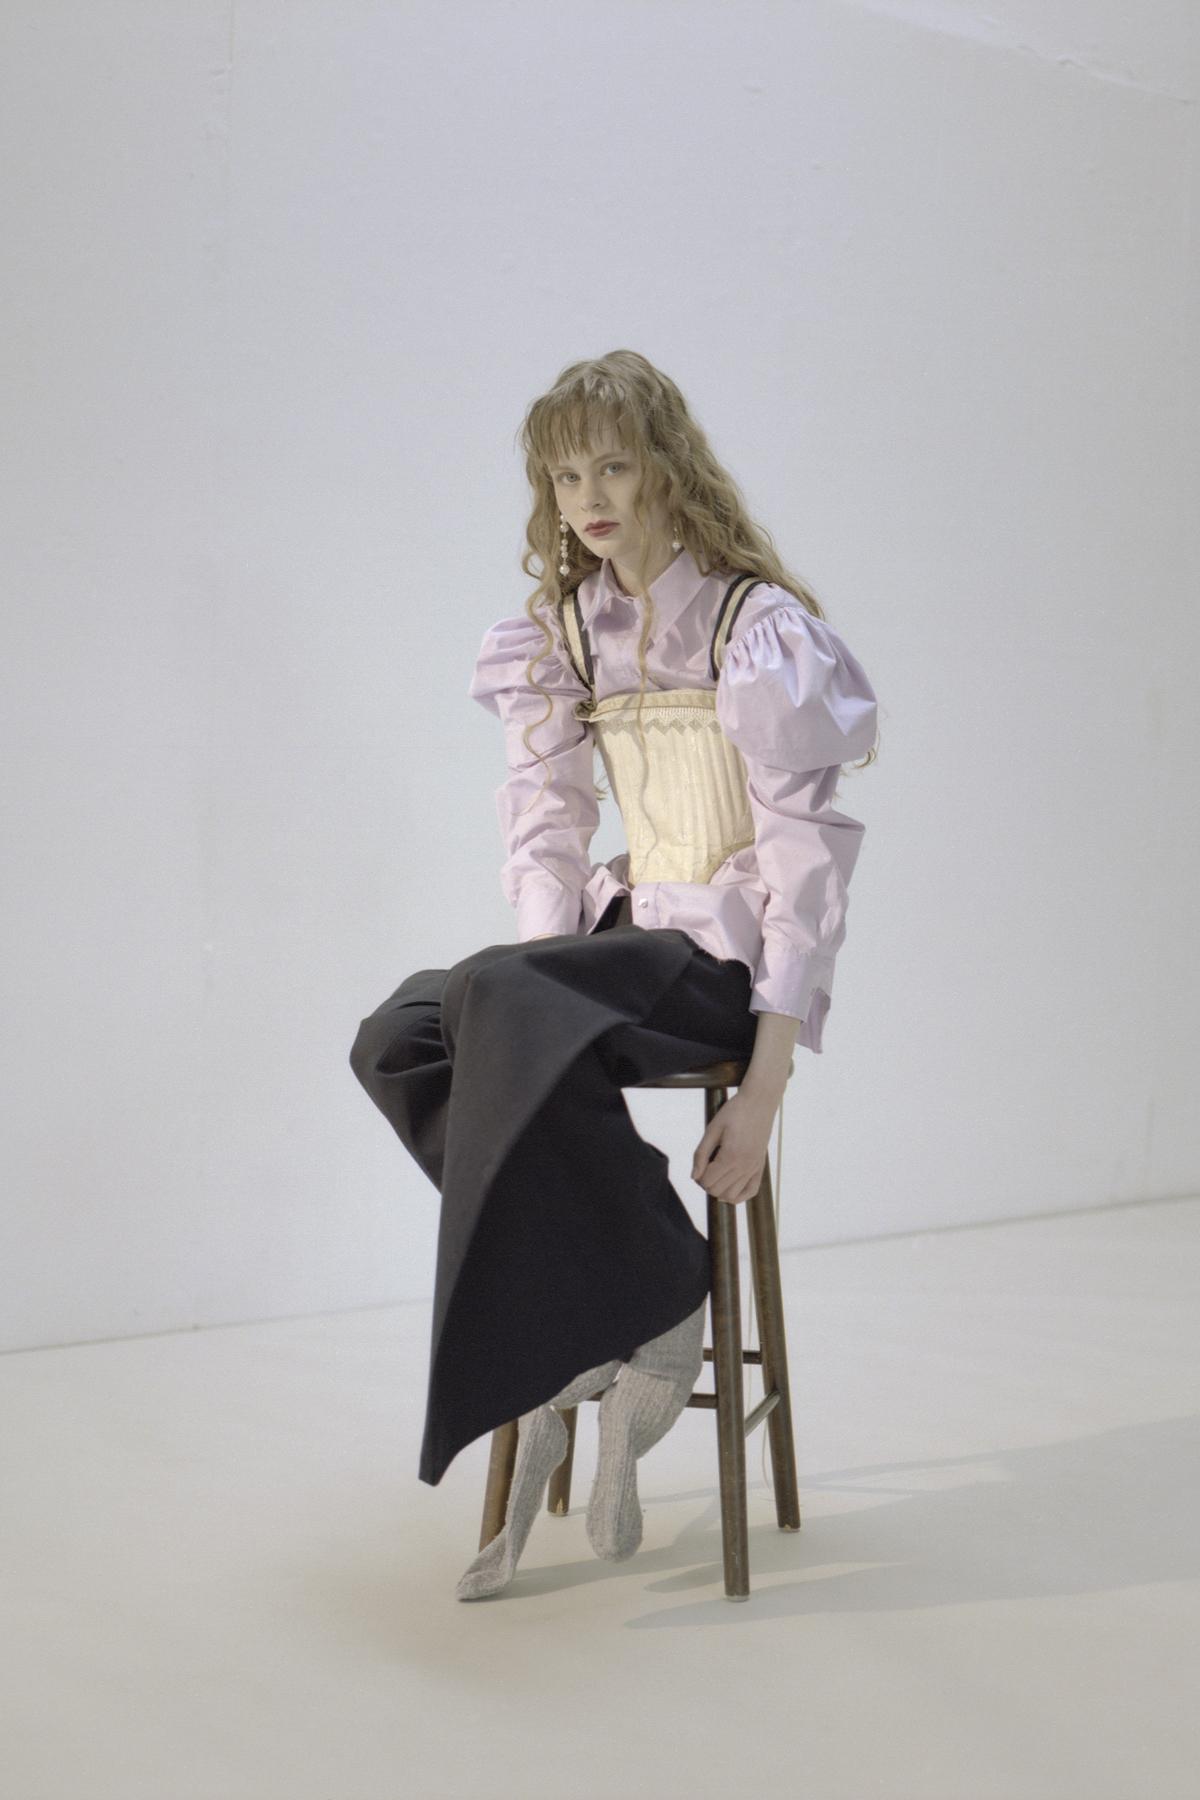 Teeth Magazine Online Kirill Kuletski Fashion Film Photography Marques'Almeida Jacquemus